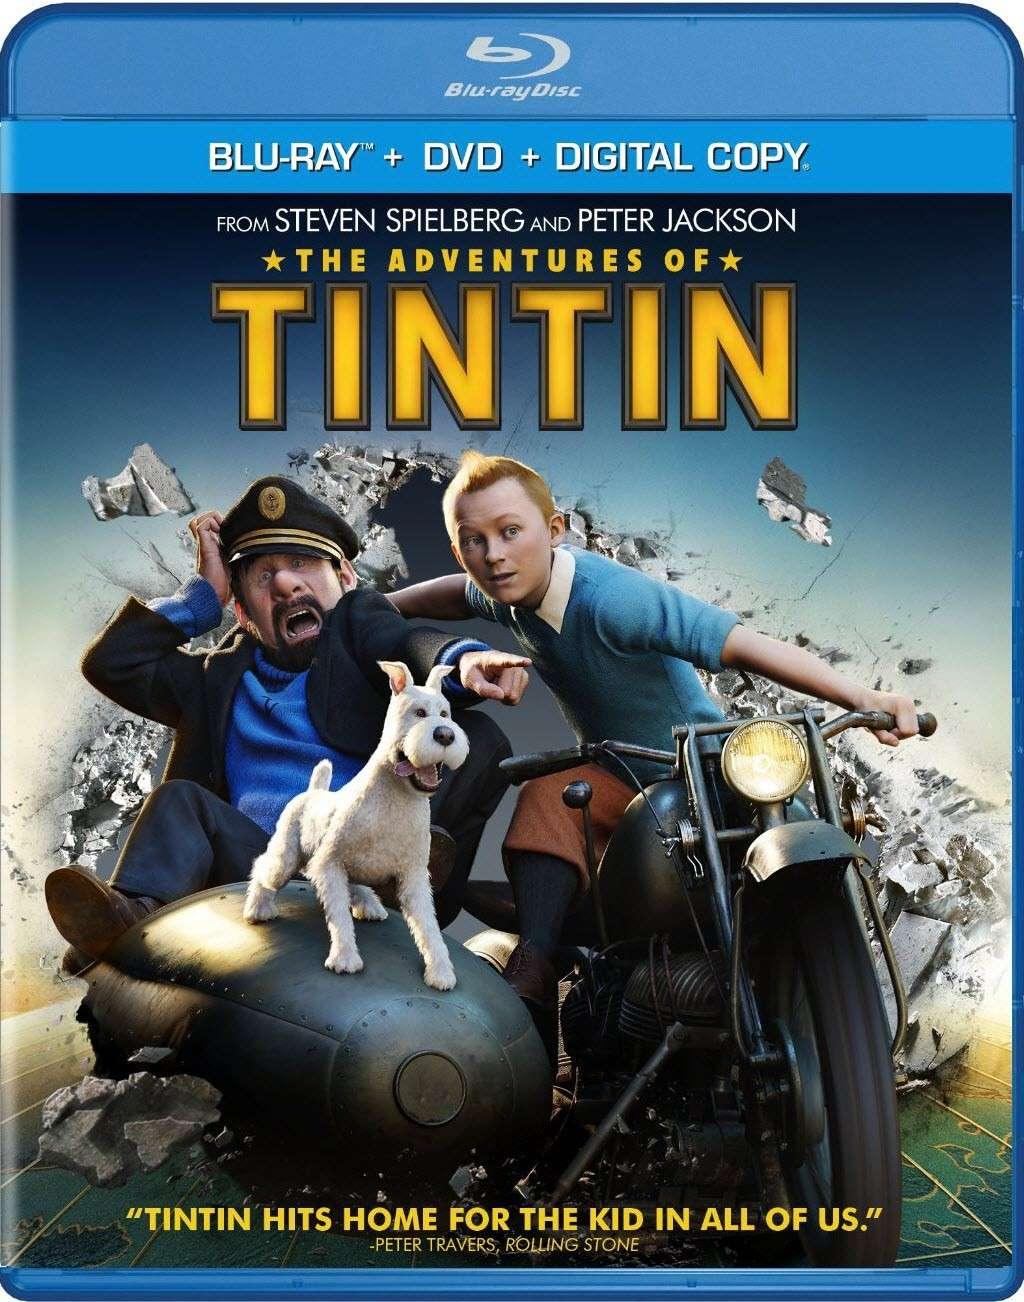 تحميل فيلم الأنيميشن The Adventures of Tintin (2011) [DVD-FULL] 4.37 GB 91f32z10